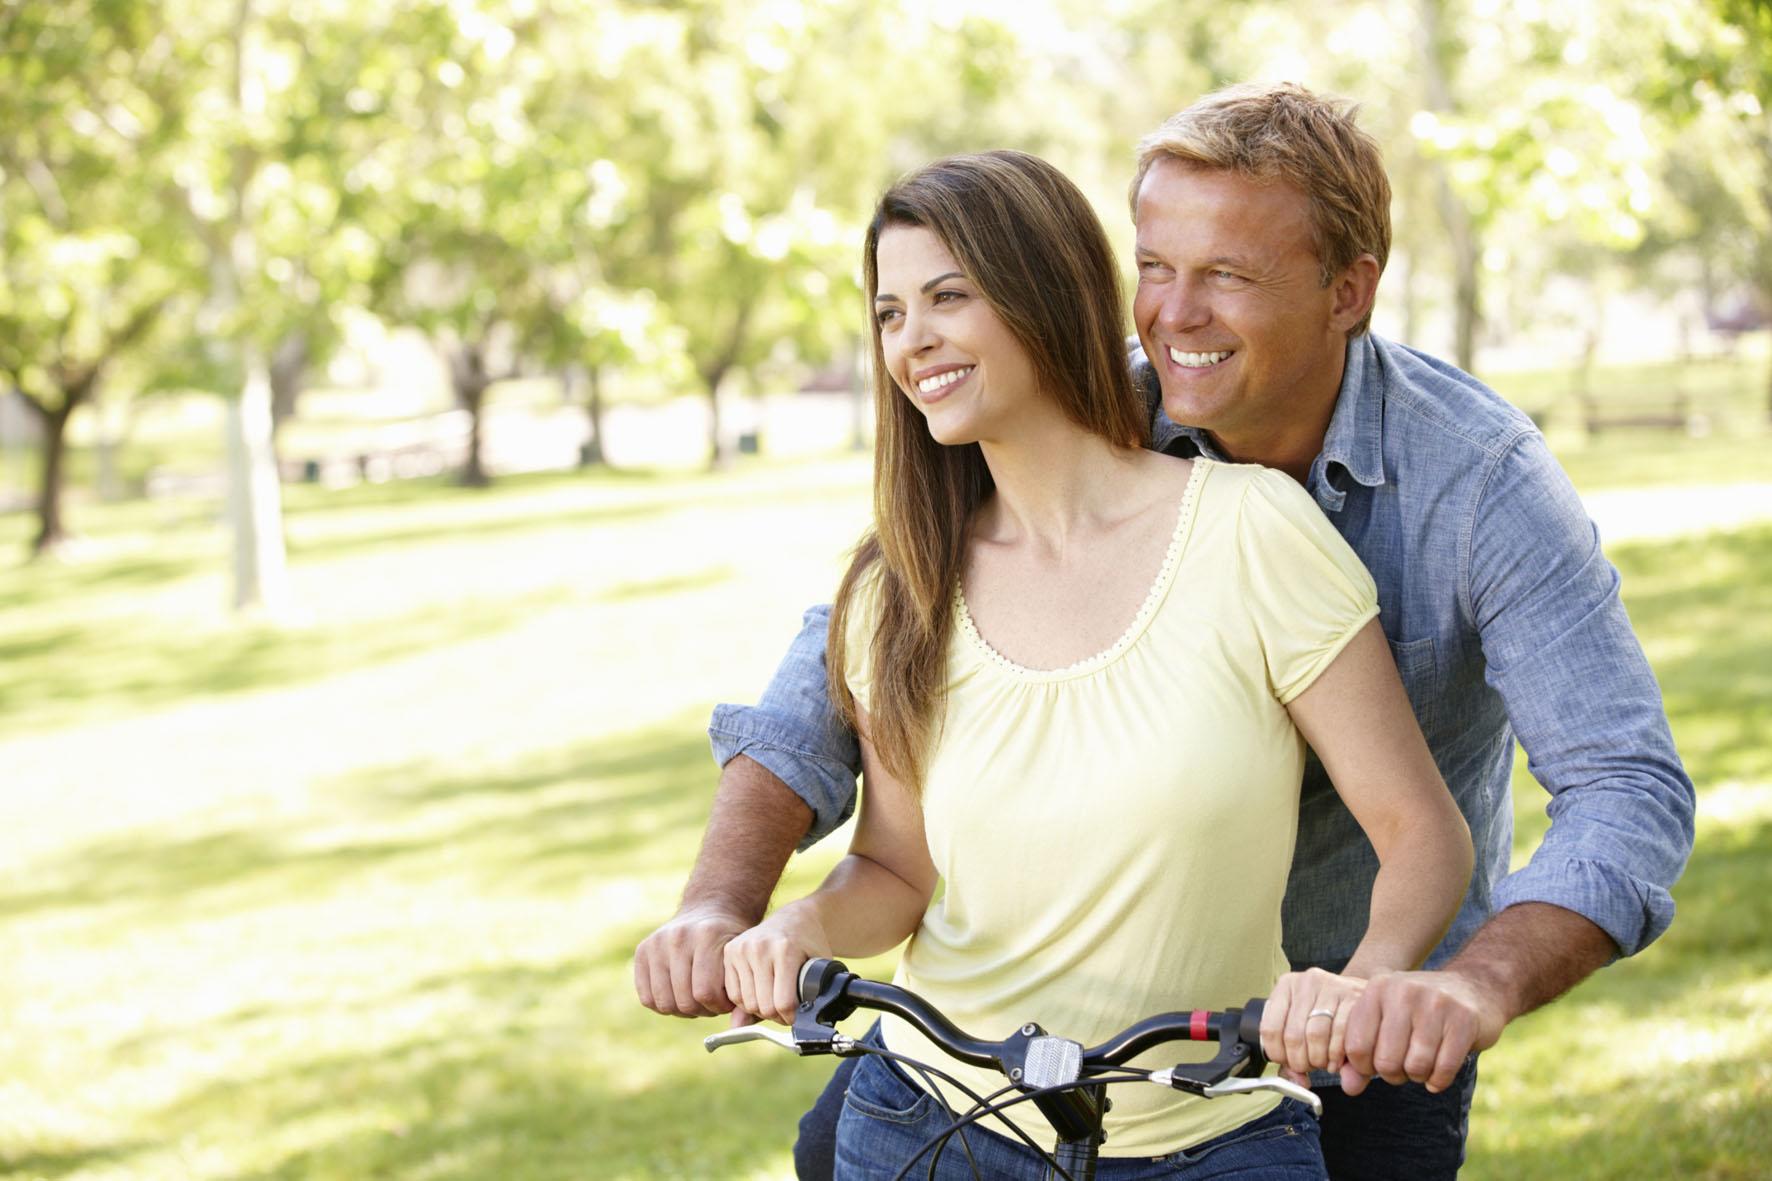 Eine glückliche Partnerschaft ist für die meisten Männer sehr wichtig. Bei Problemen mit der Libido kann eine Testosteron-Substitution helfen. Testosteron schenkt Männern Muskelkraft und Lebensfreude.